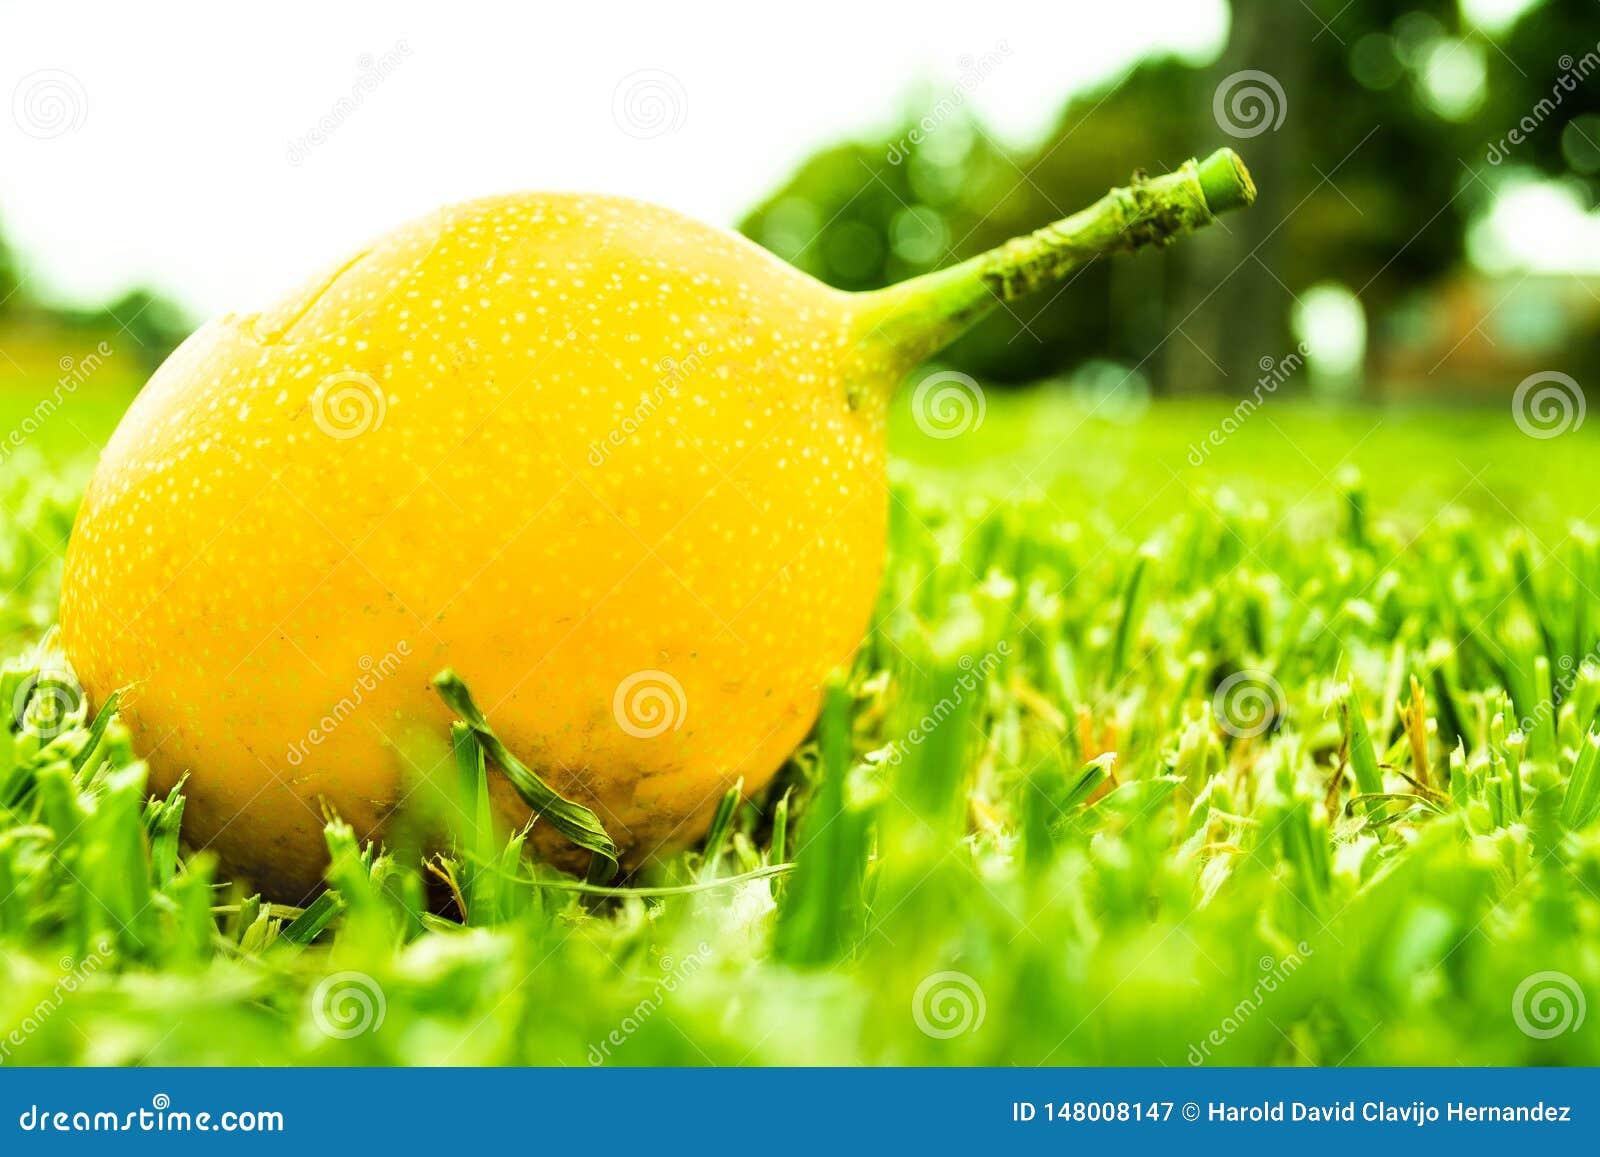 Frutta gialla sul prato